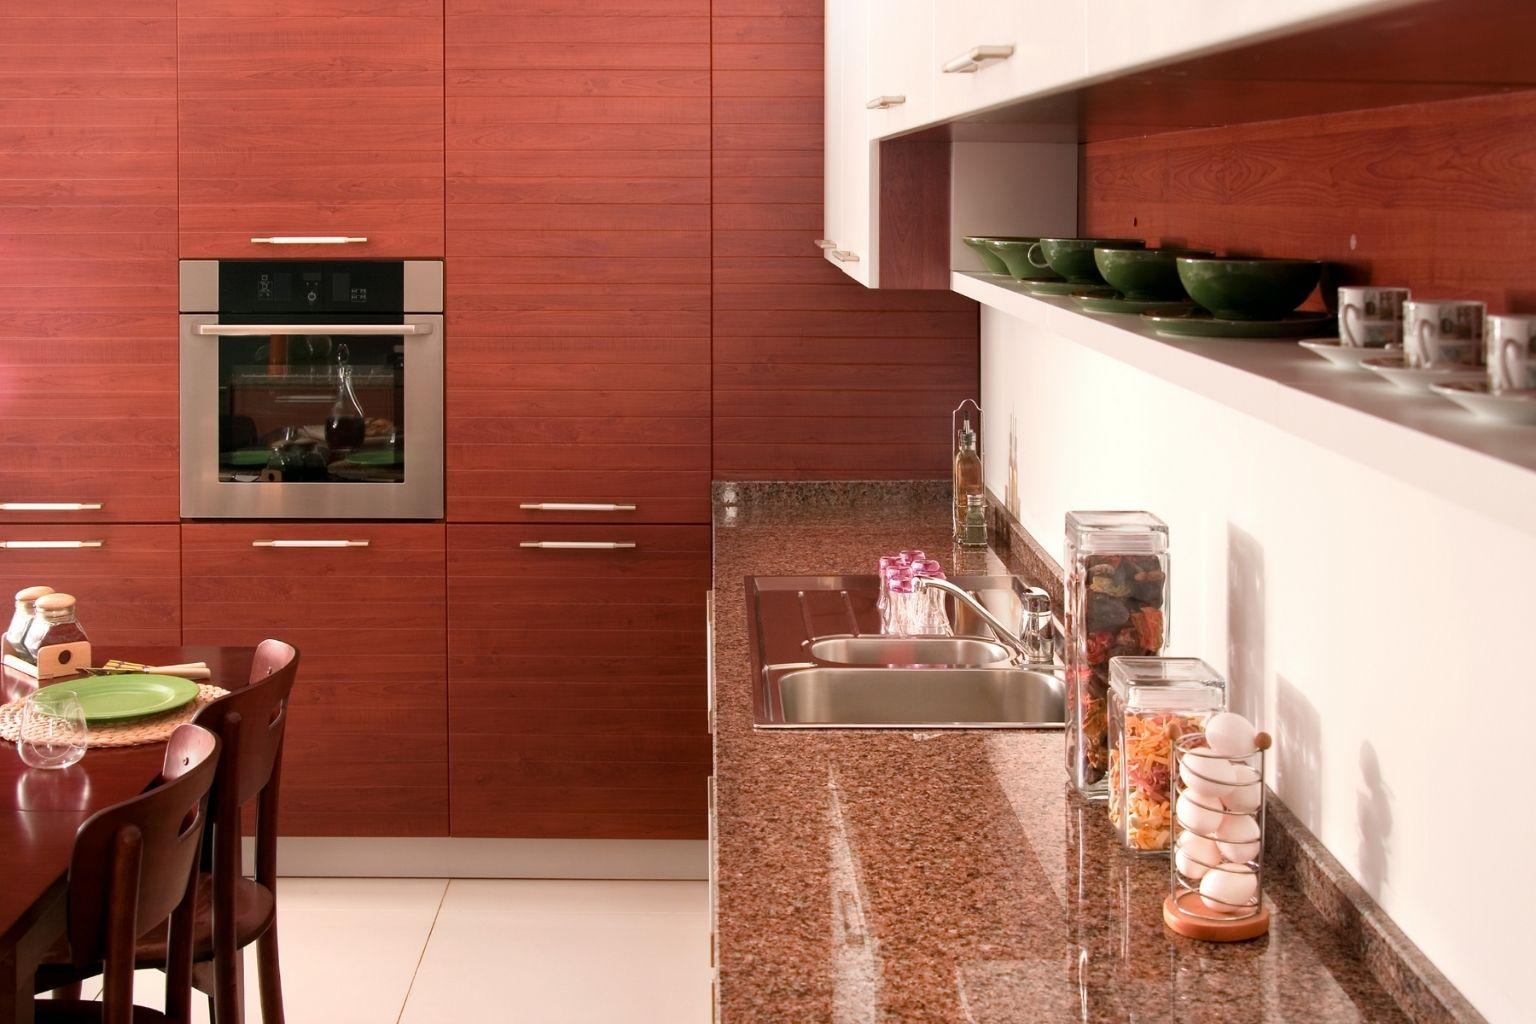 forno in cucina